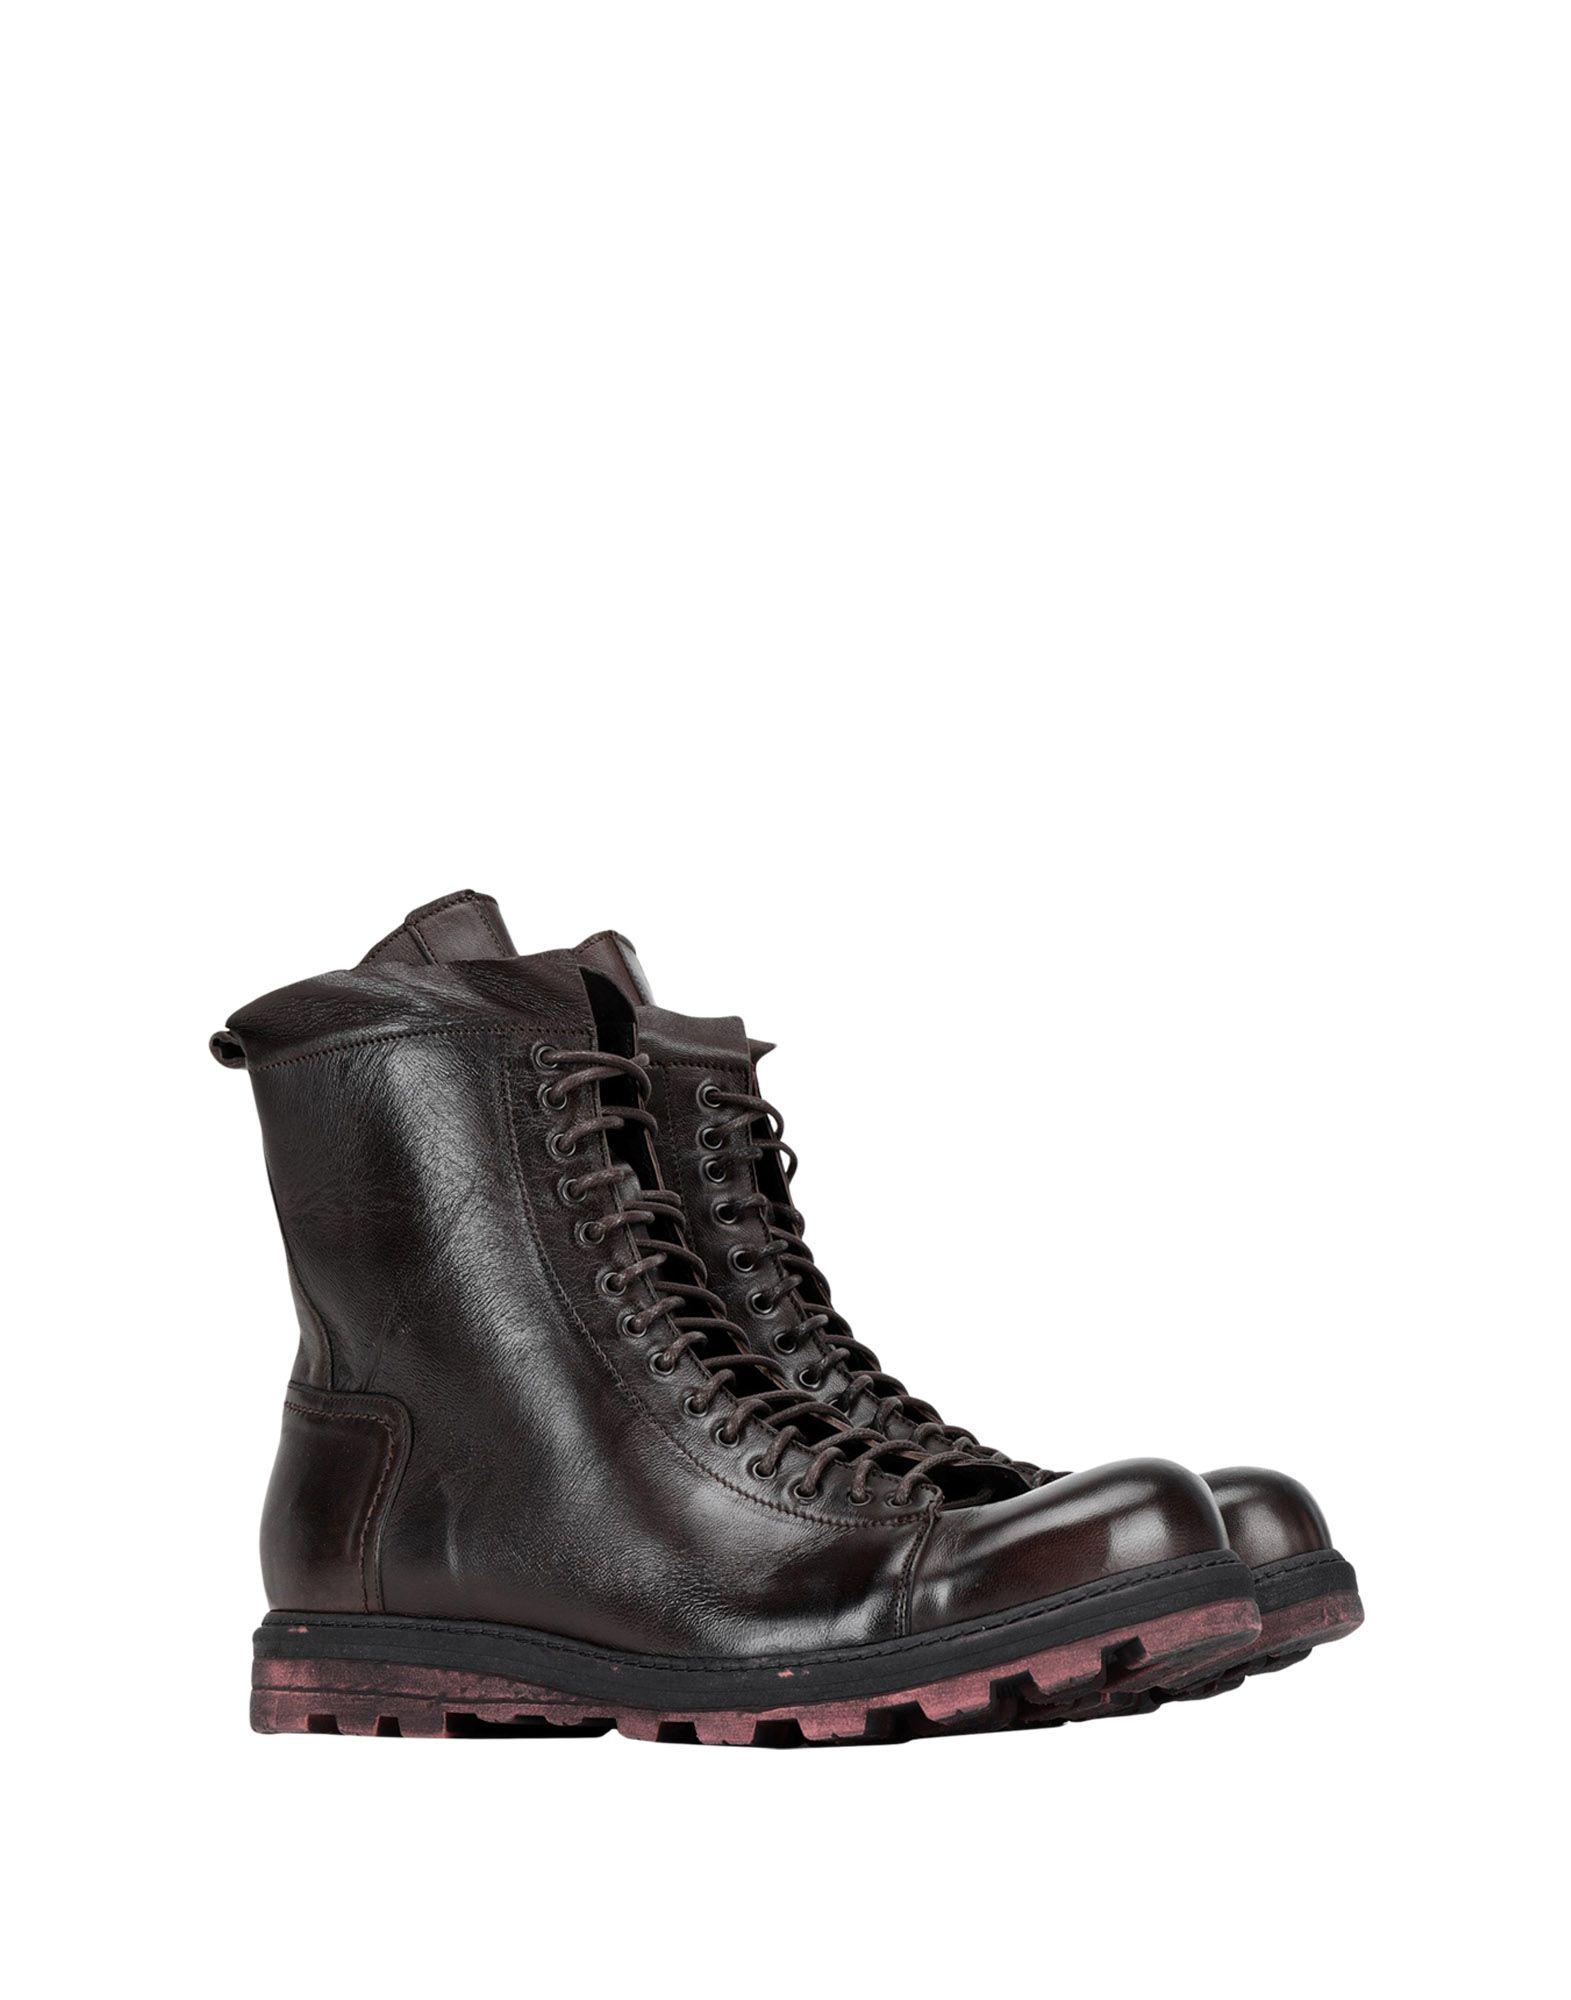 Mckanty Heiße Stiefelette Herren  11536031VH Heiße Mckanty Schuhe 4654a6